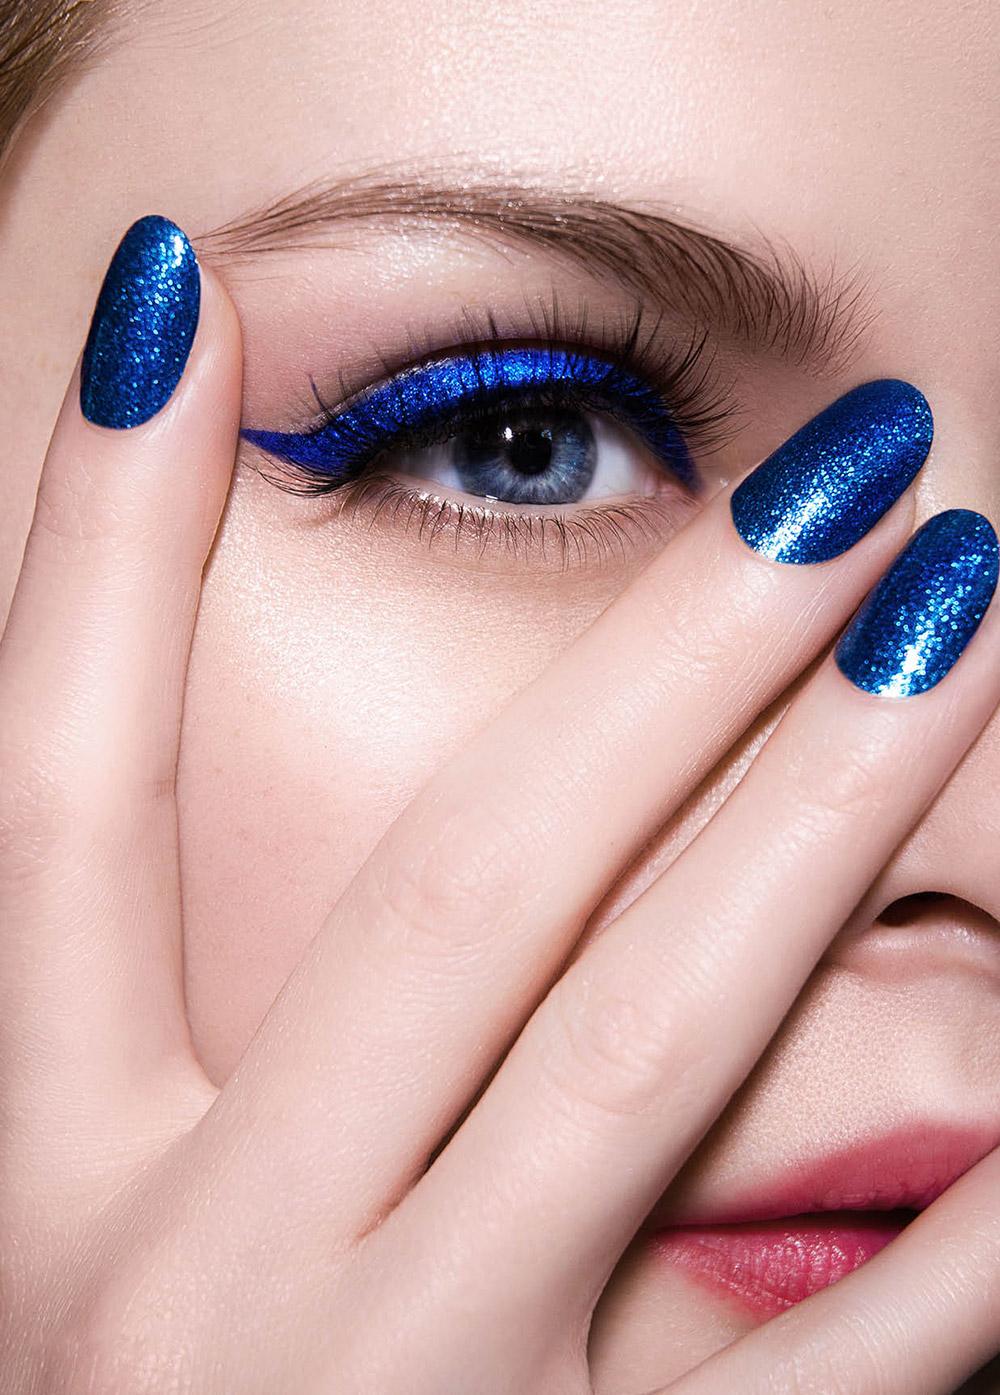 manichiura albastra asortata cu culoarea ochilor